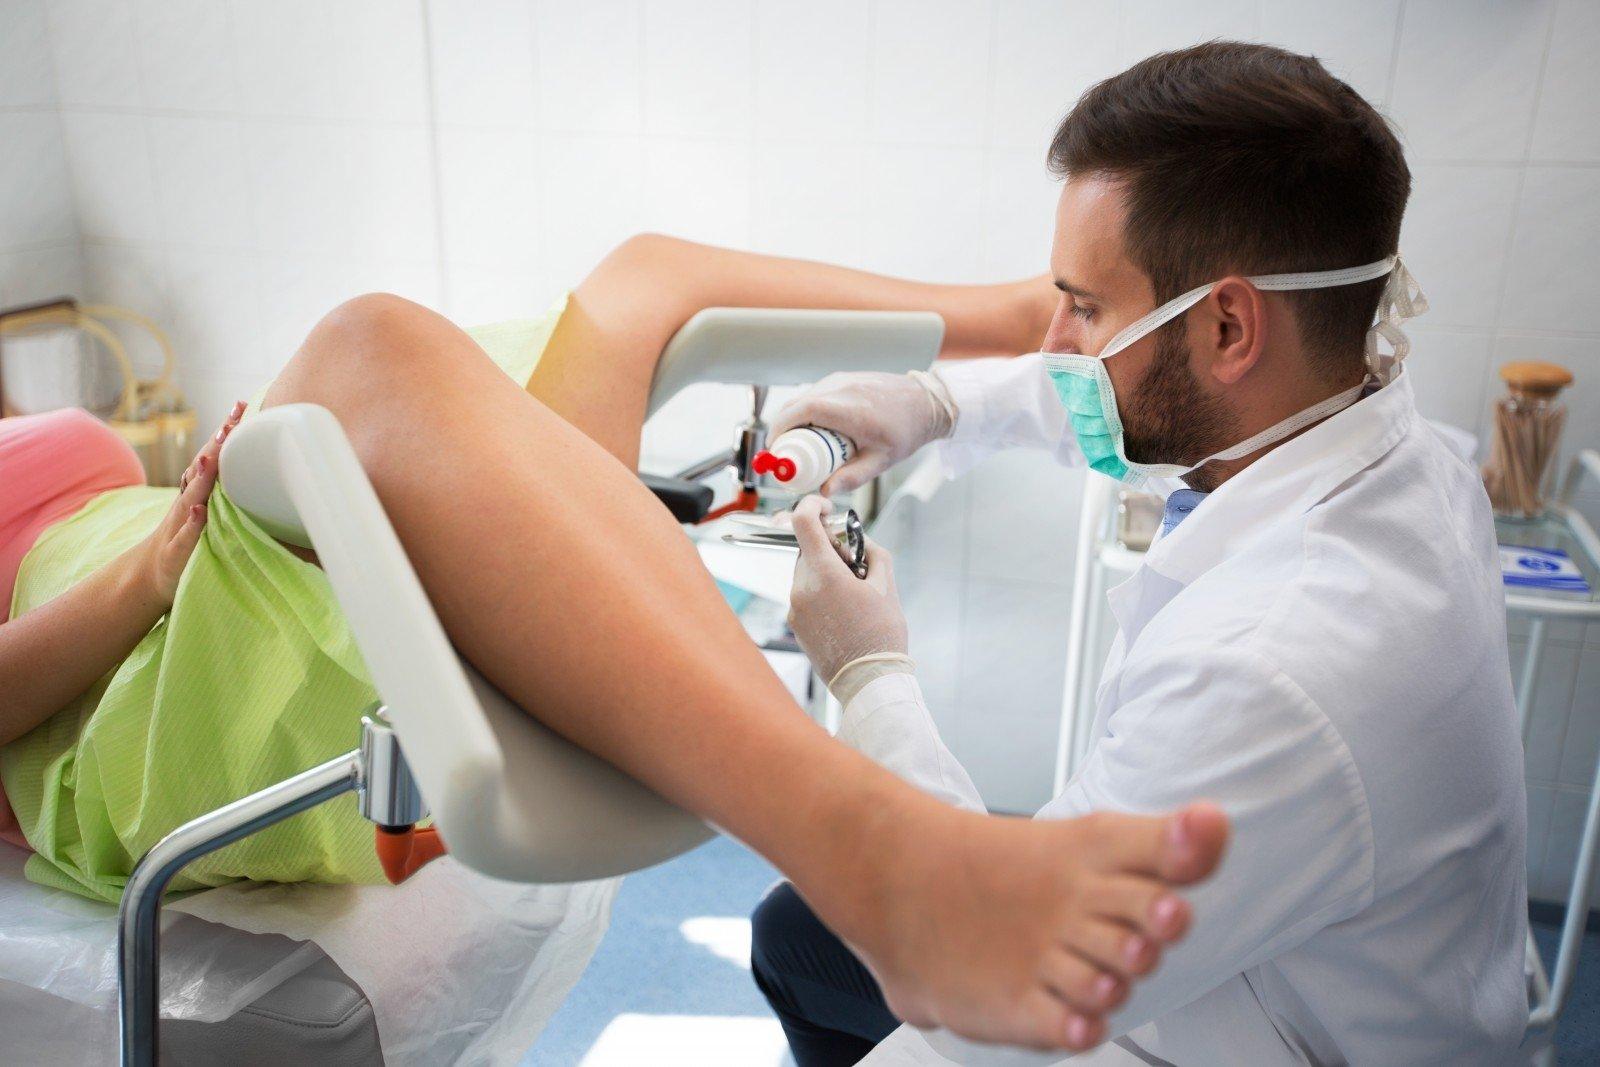 Как гинеколог делает осмотр фото